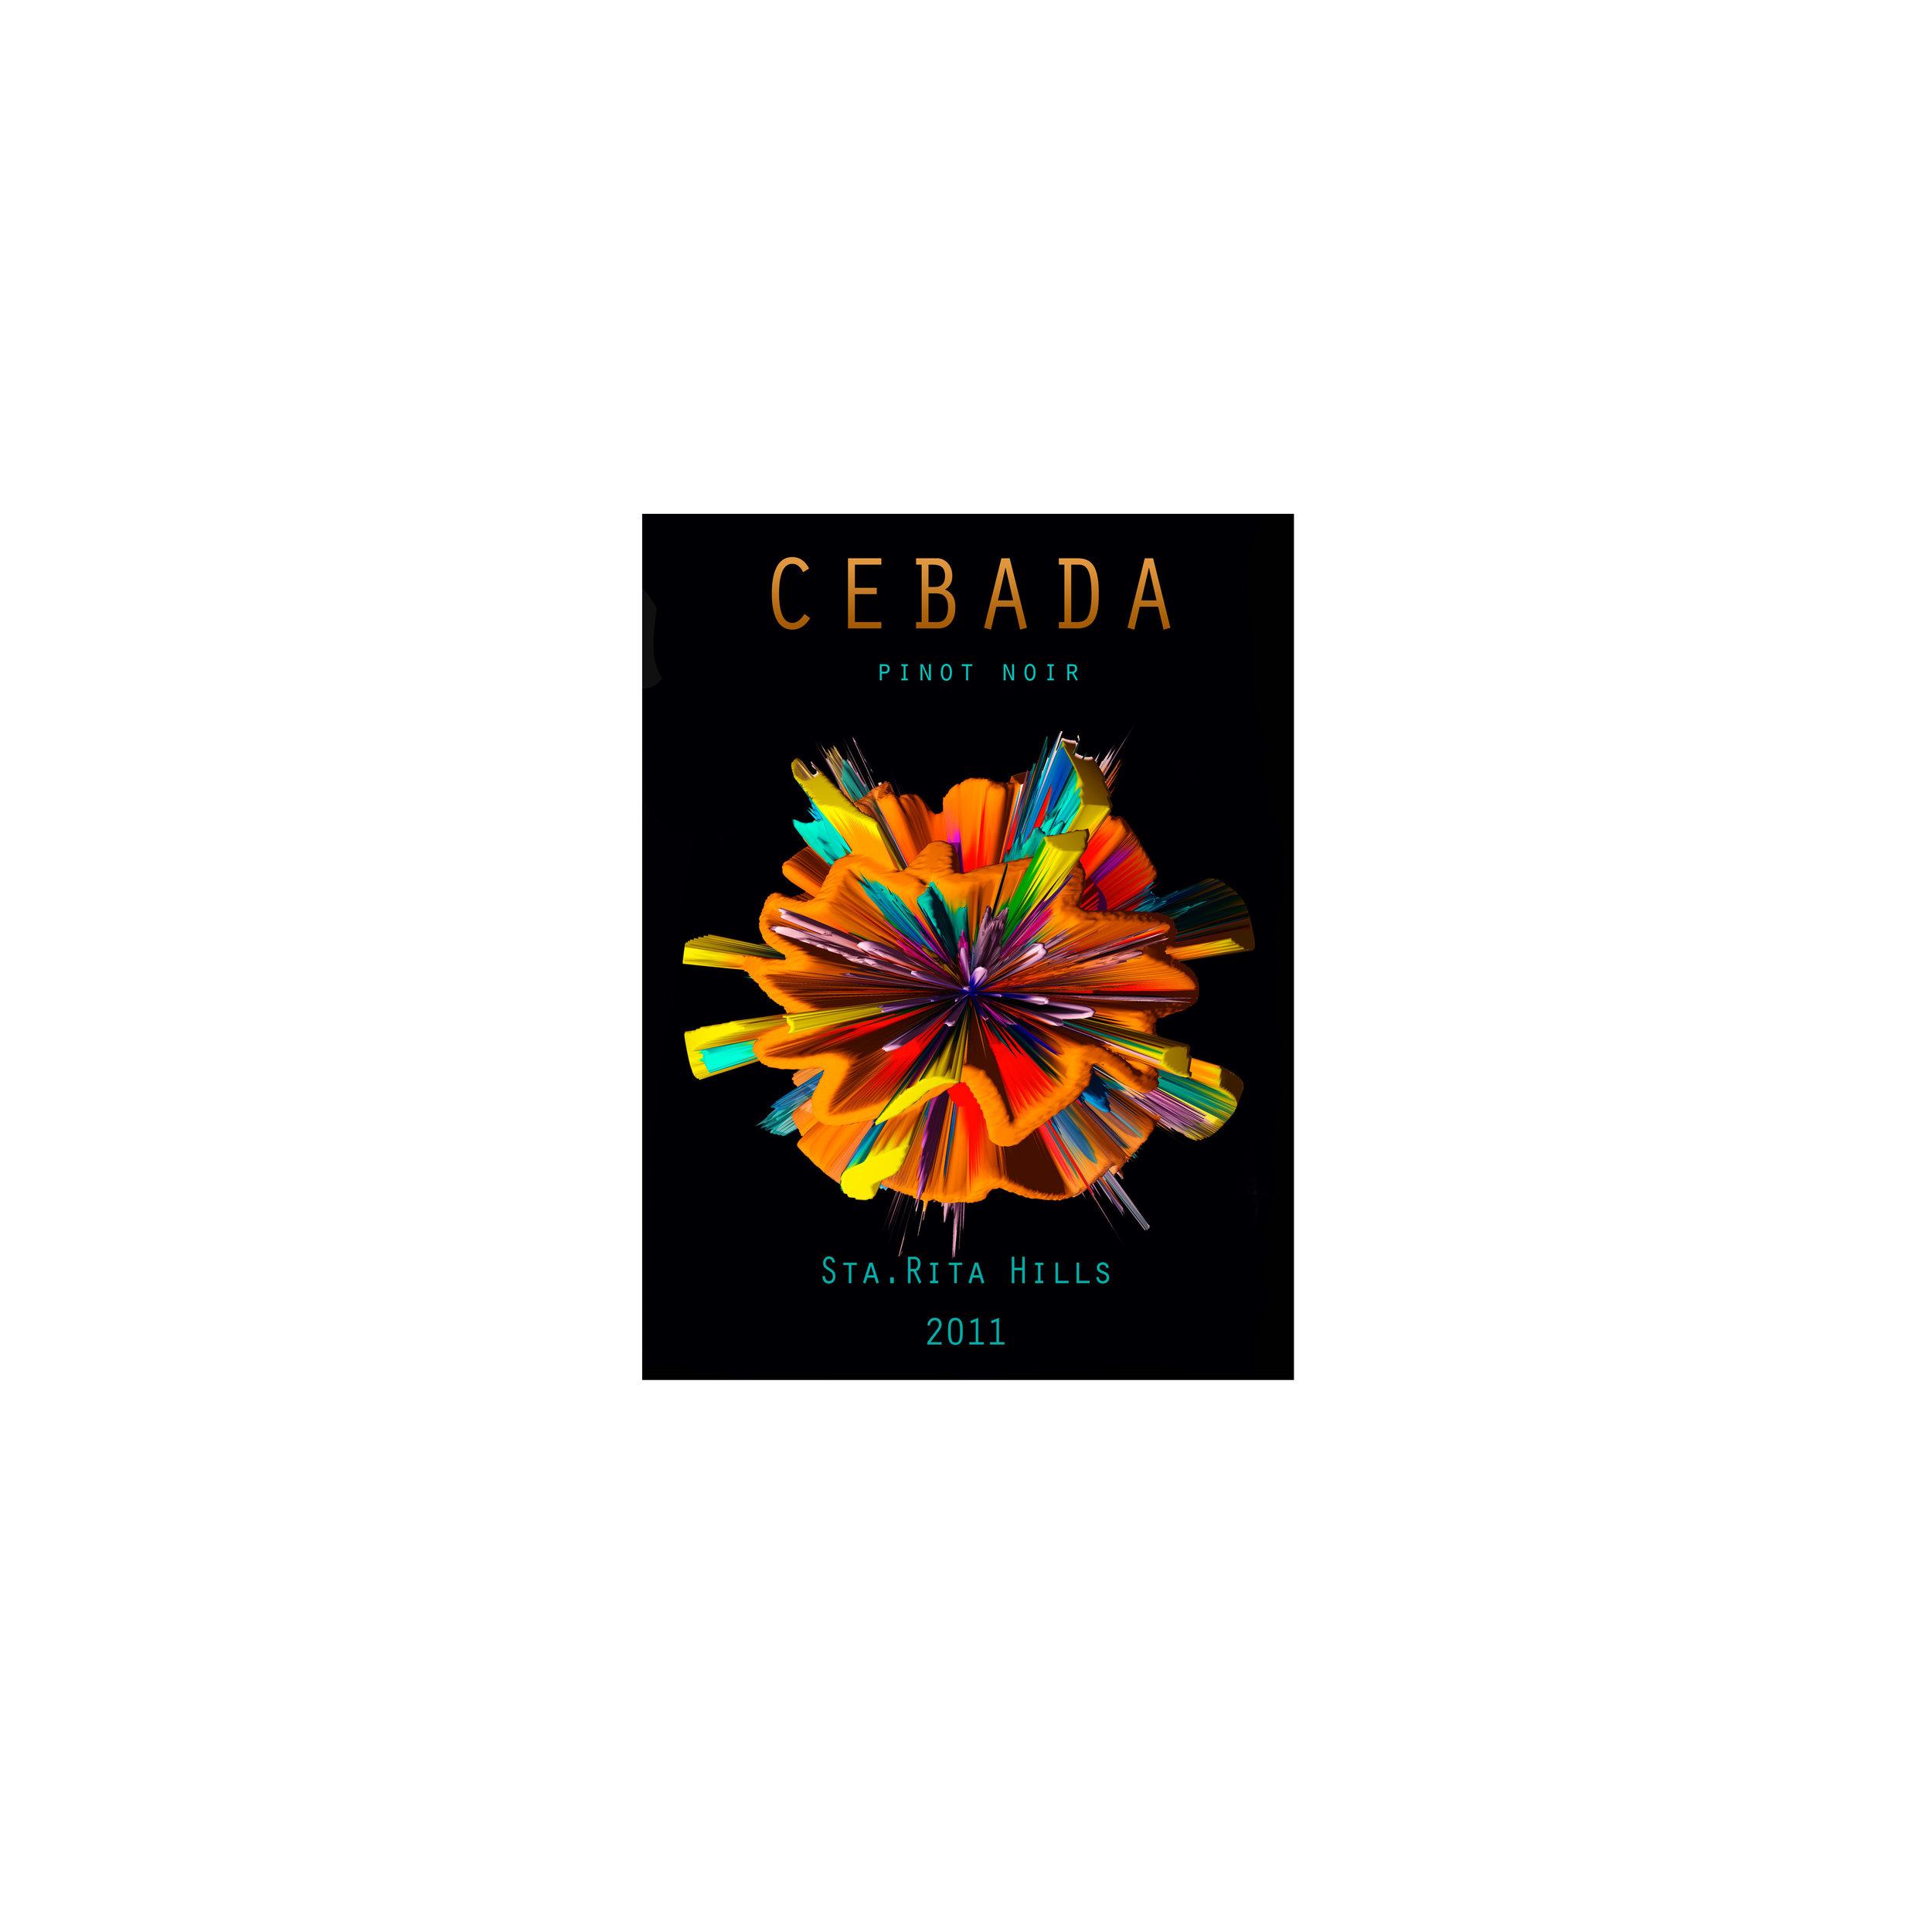 CEBADA-4-site.jpg